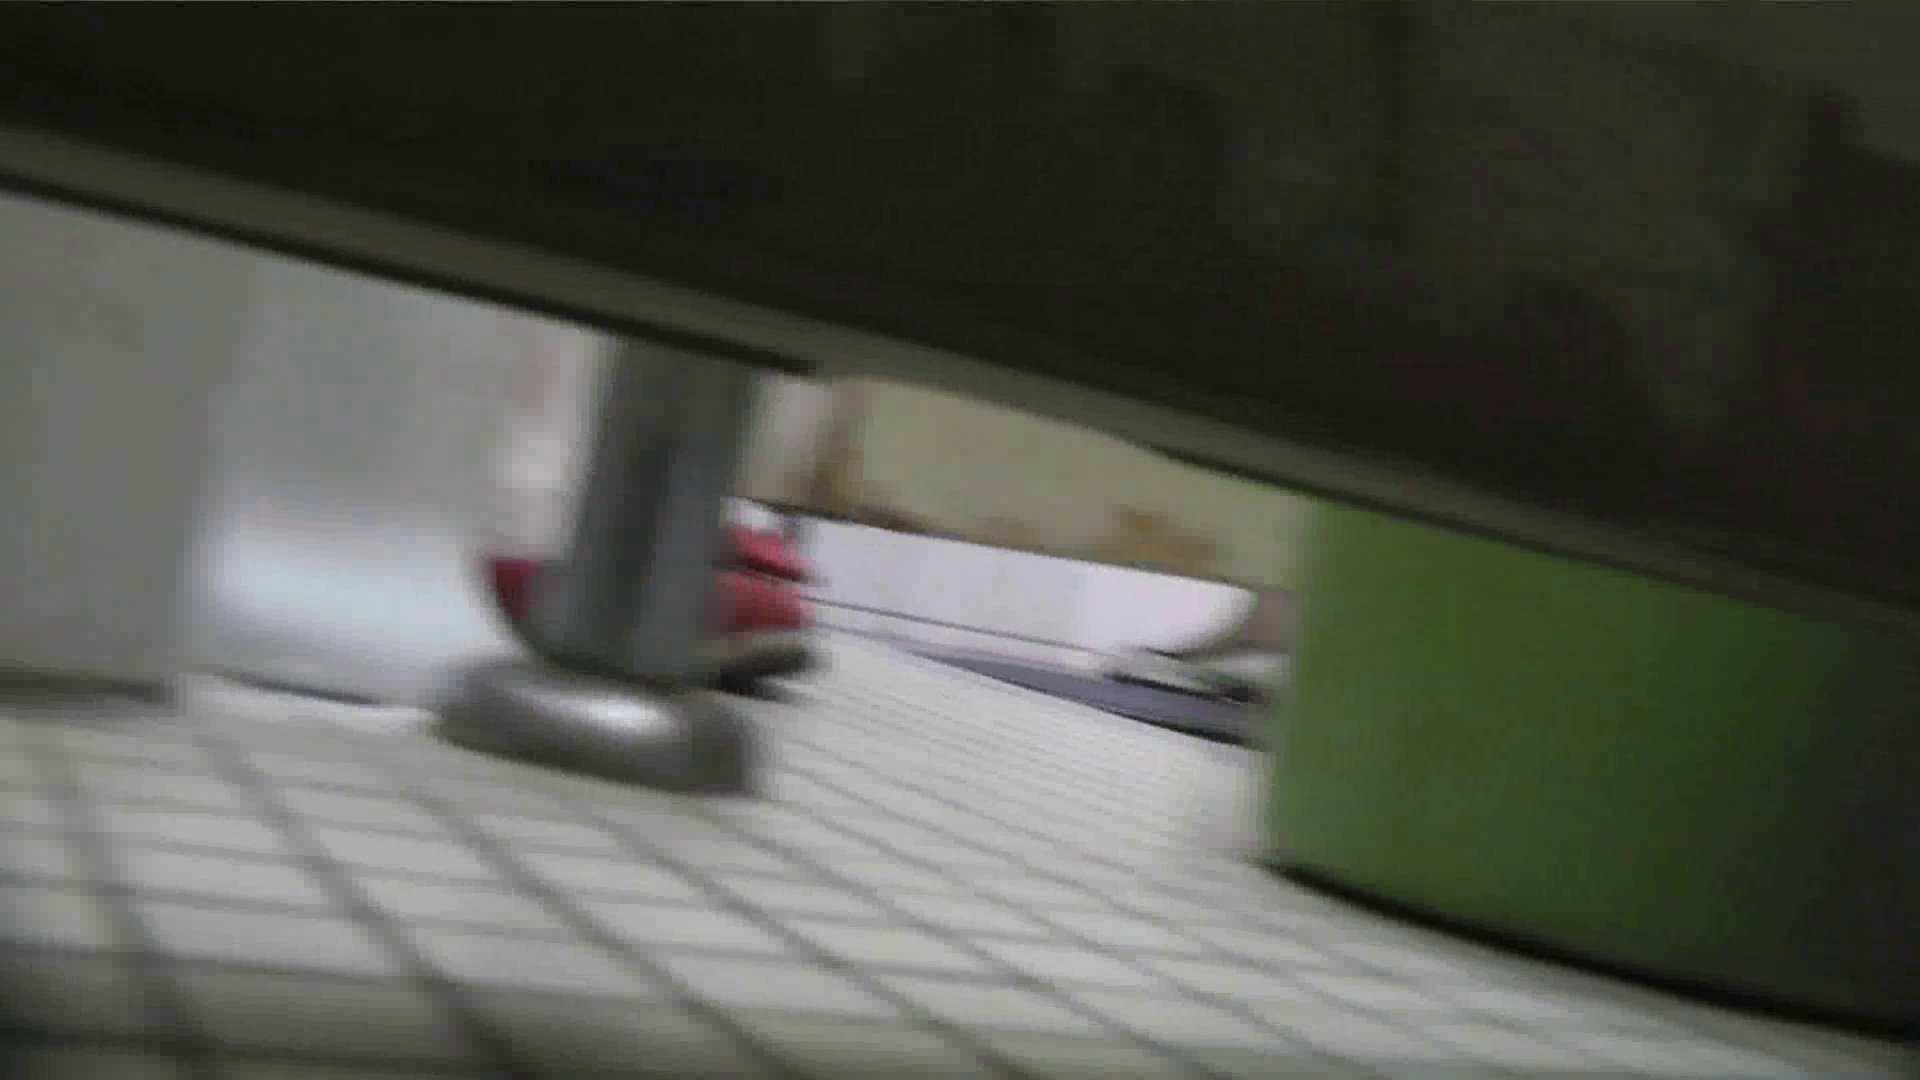 【美しき個室な世界】 vol.018 ピンクのおネエタン 洗面所   0  48画像 23